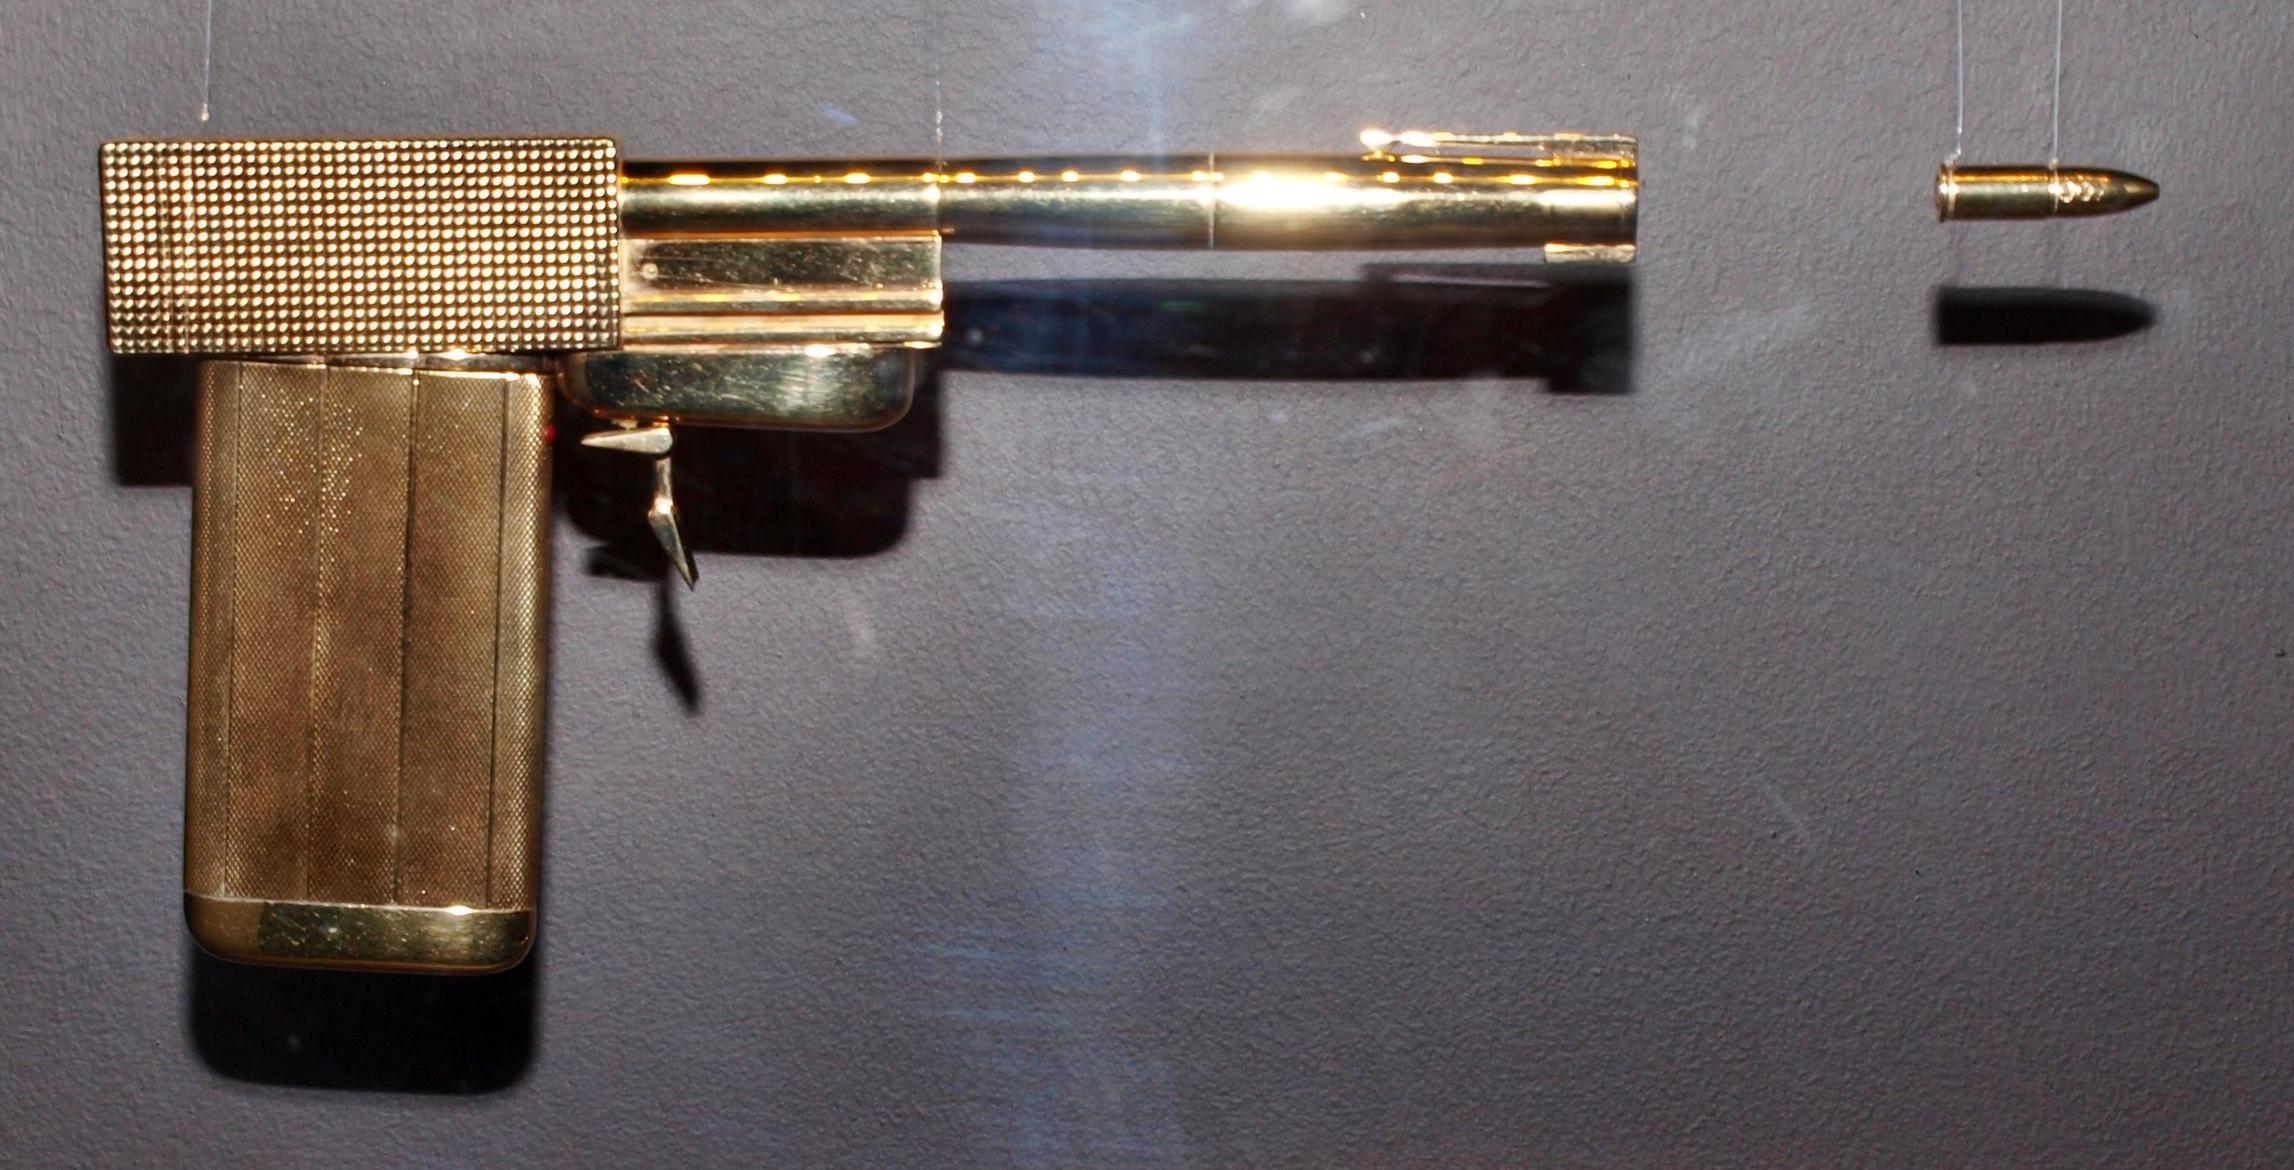 Золотой пистолет Скараманги из «Человека с золотым пистолетом». Фотография Малец Михаила Георгиевича